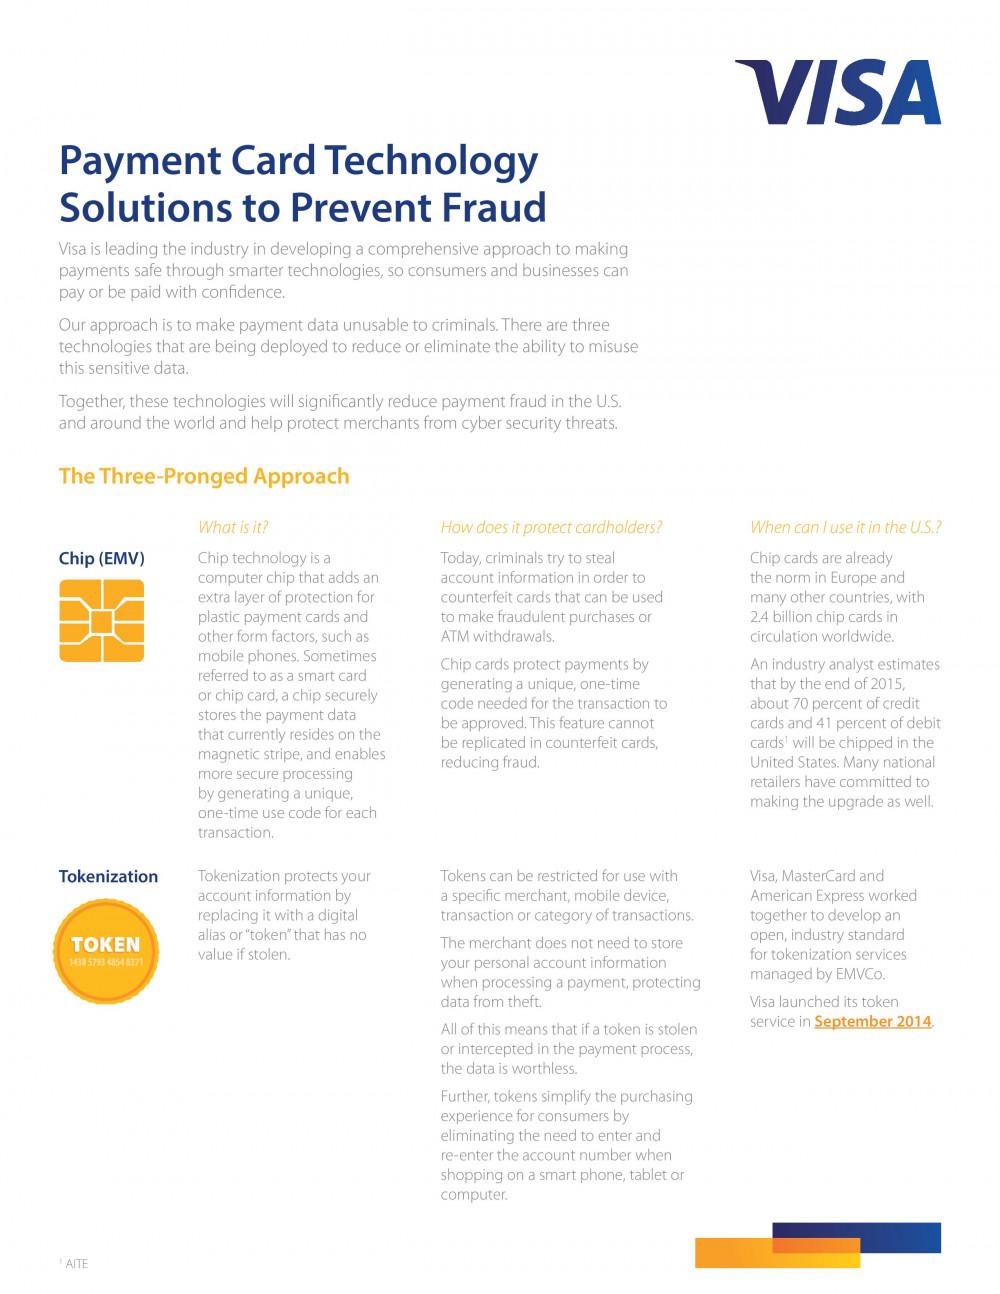 Visa Security_Fact_Sheet 1